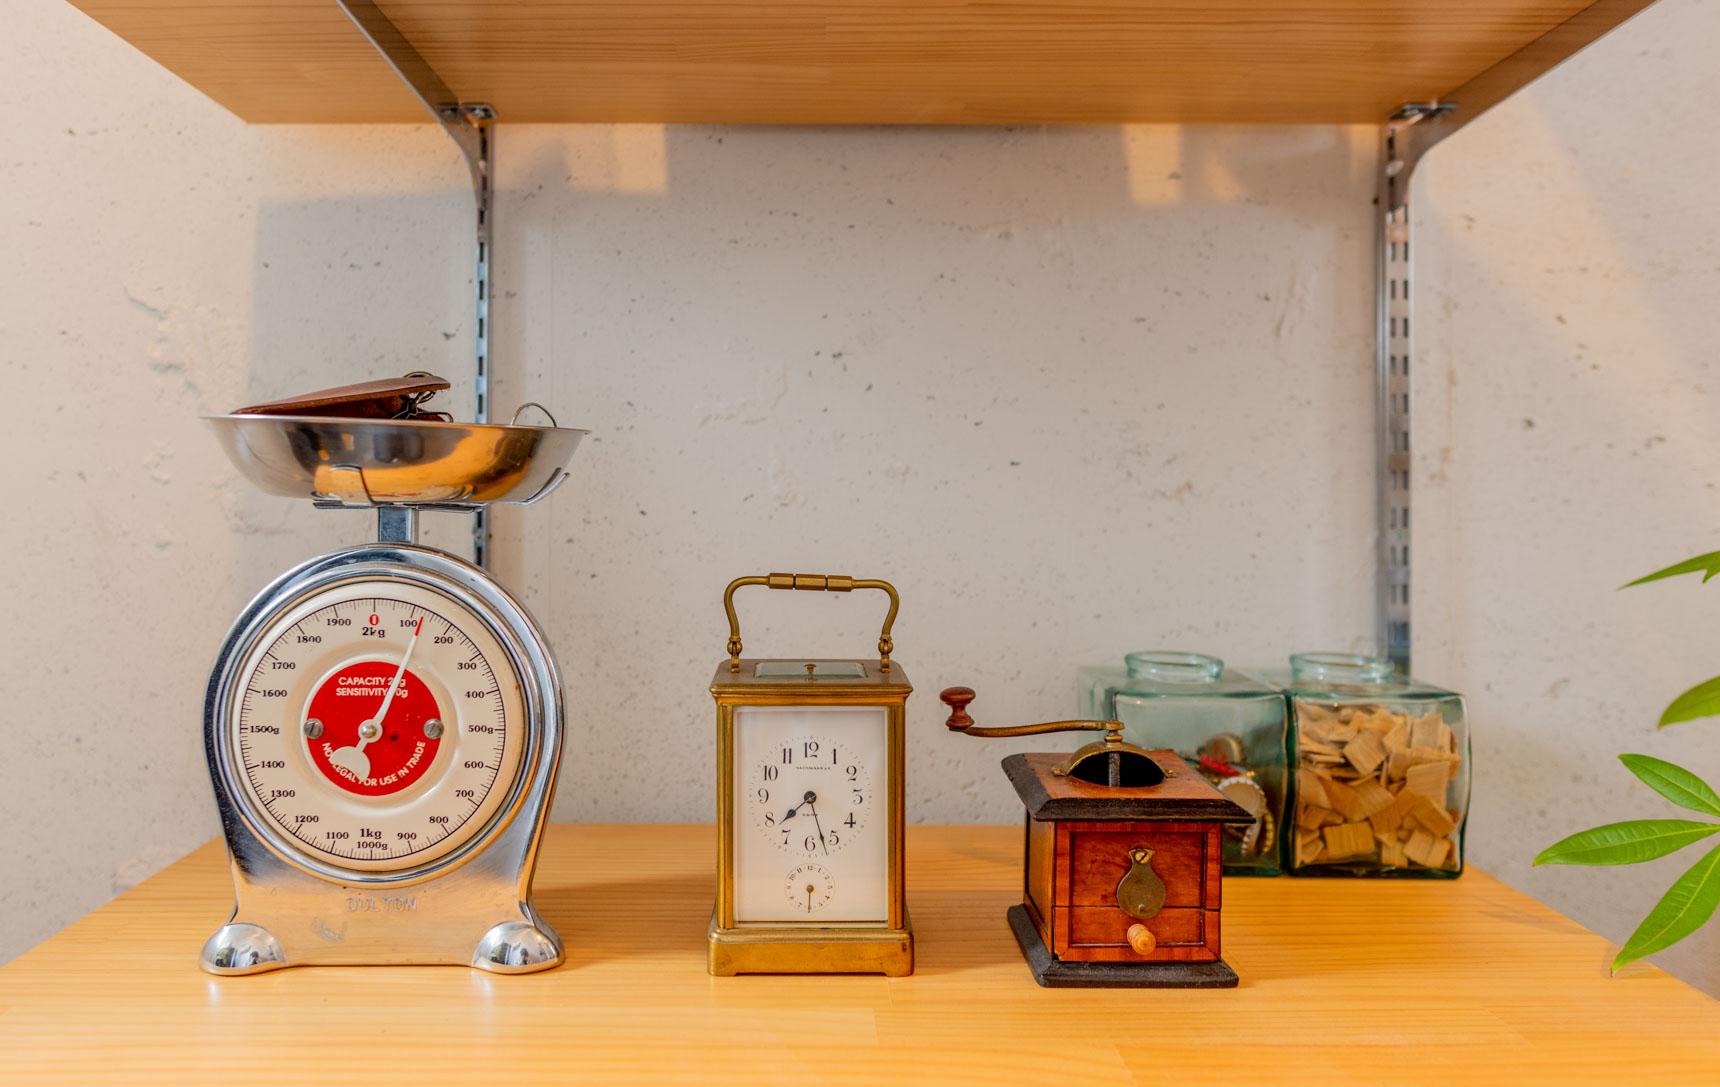 キートレイになっているはかりはドイツで買いました。時計やミルは、家族代々受け継いでいるもの